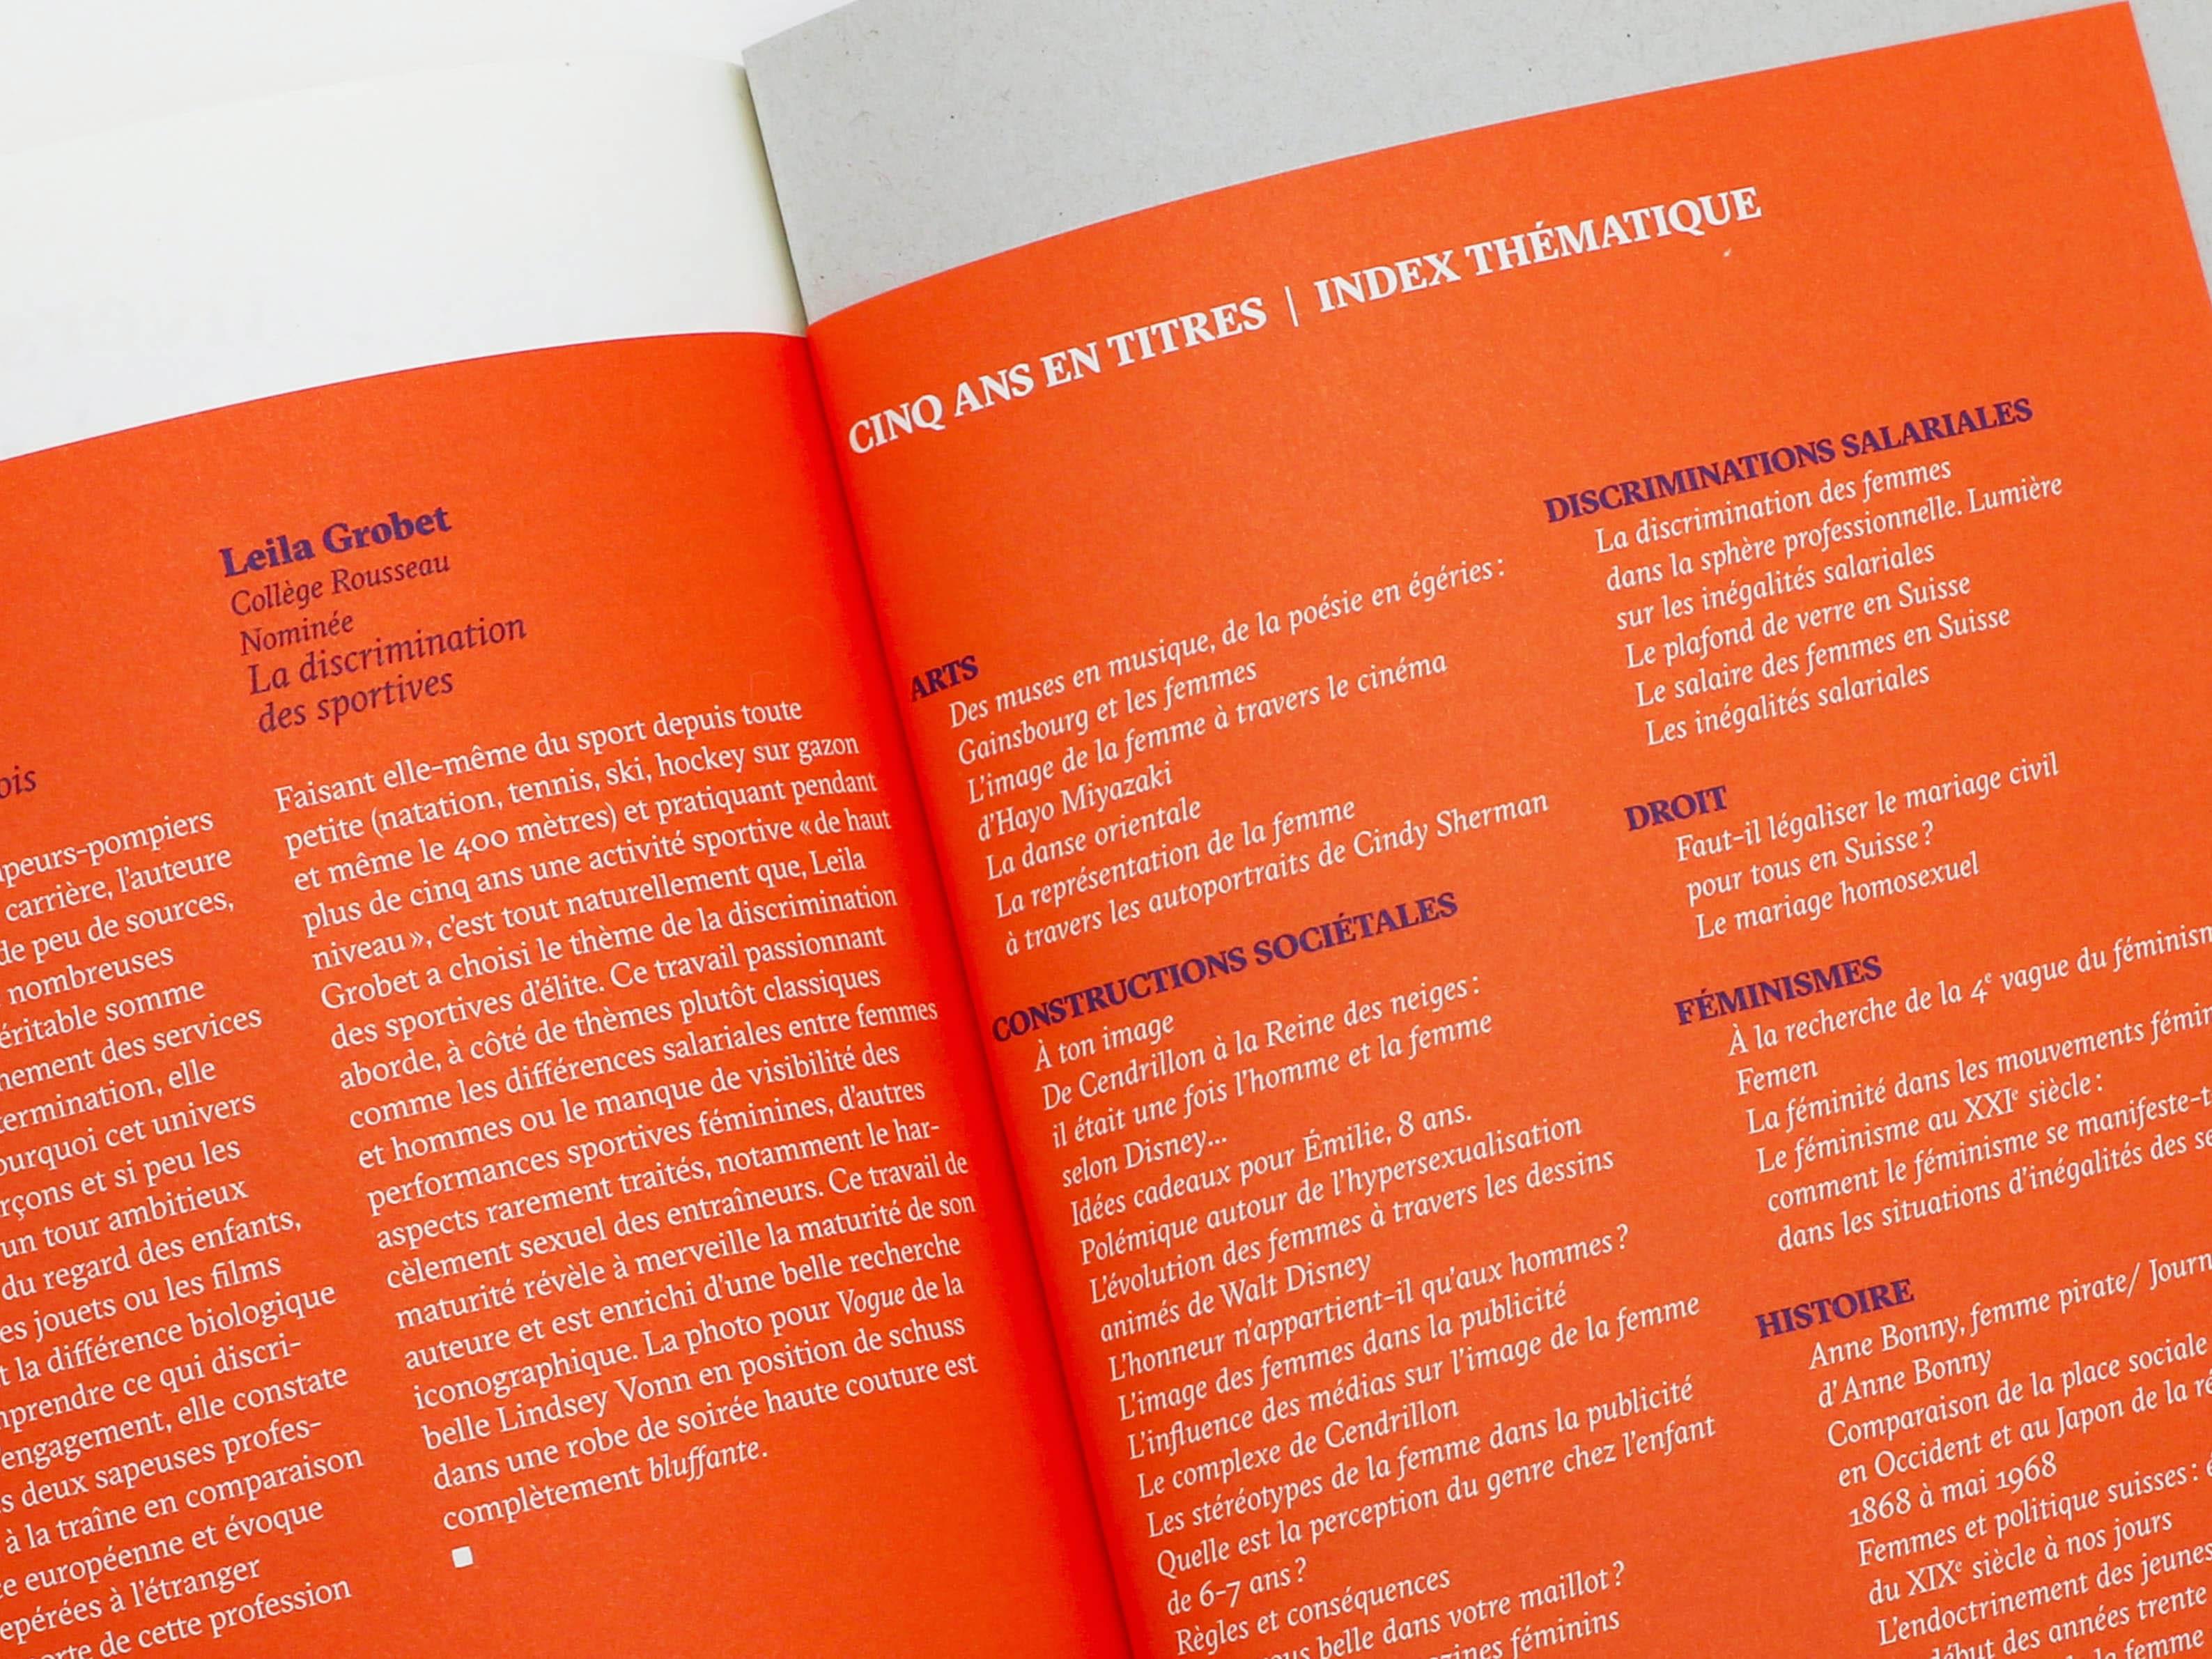 Index thématique des travaux primés et nominés du Prix Emilie Gourd